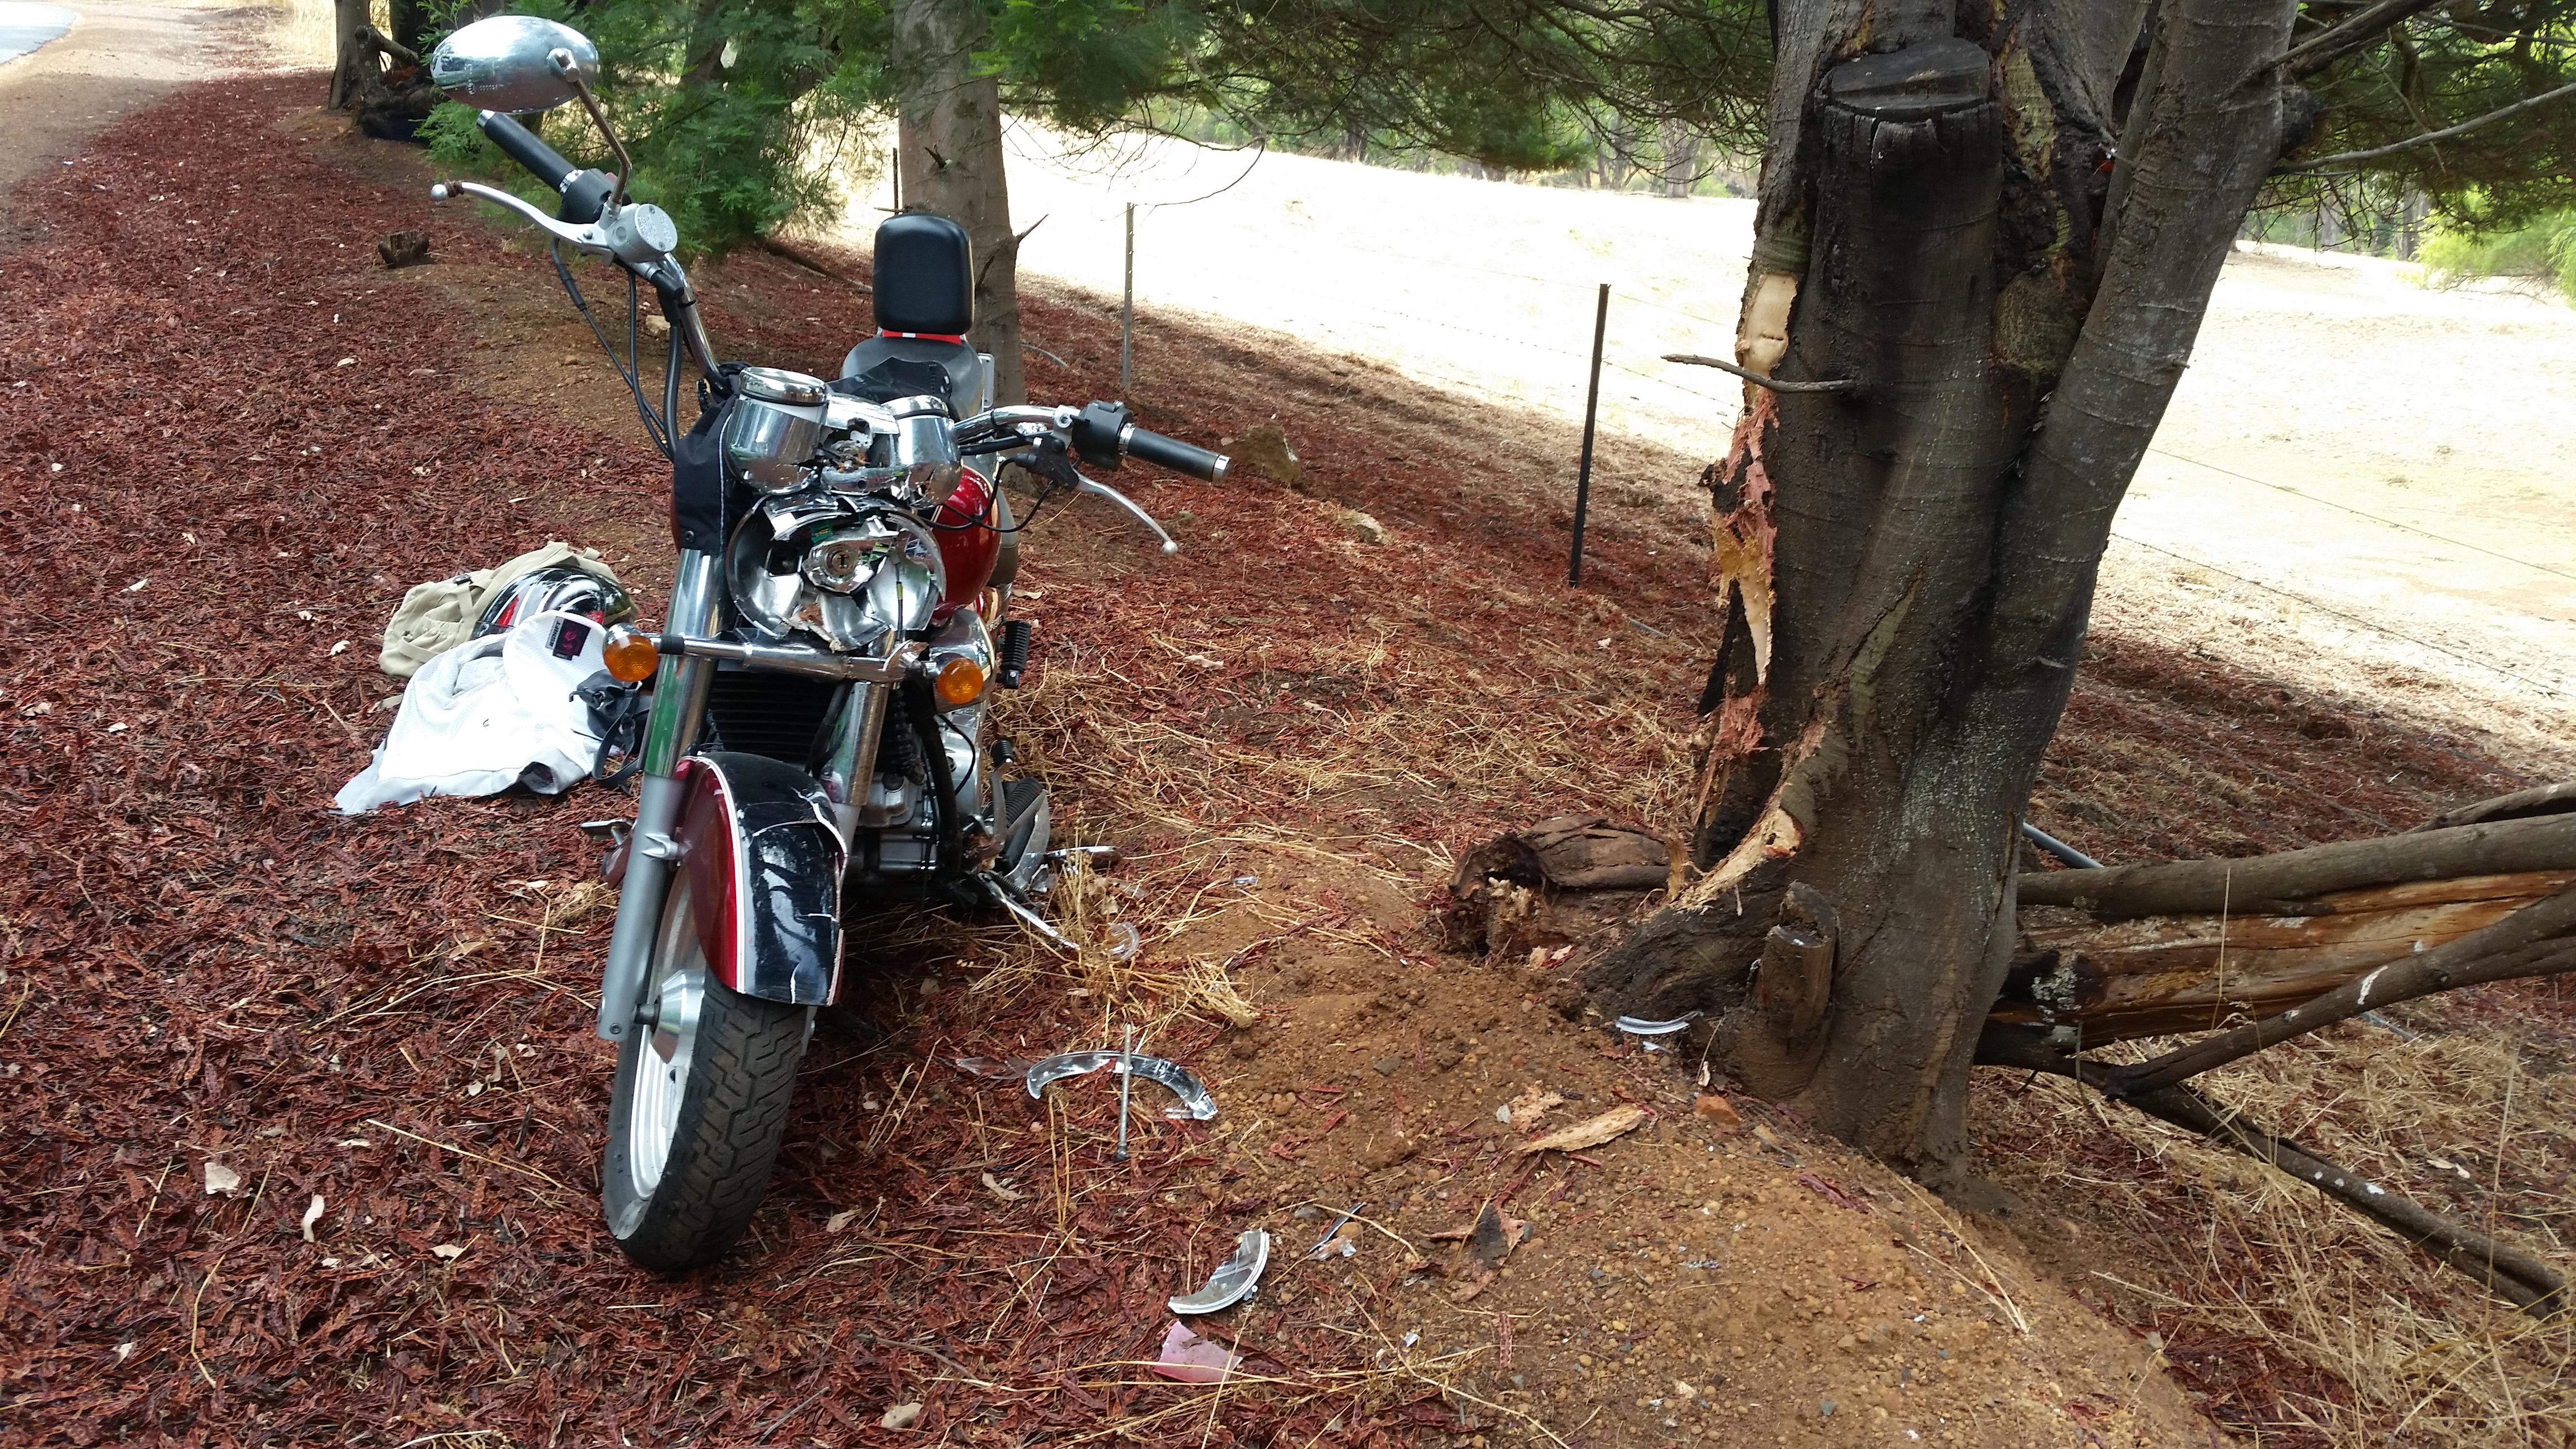 Poor bike ...